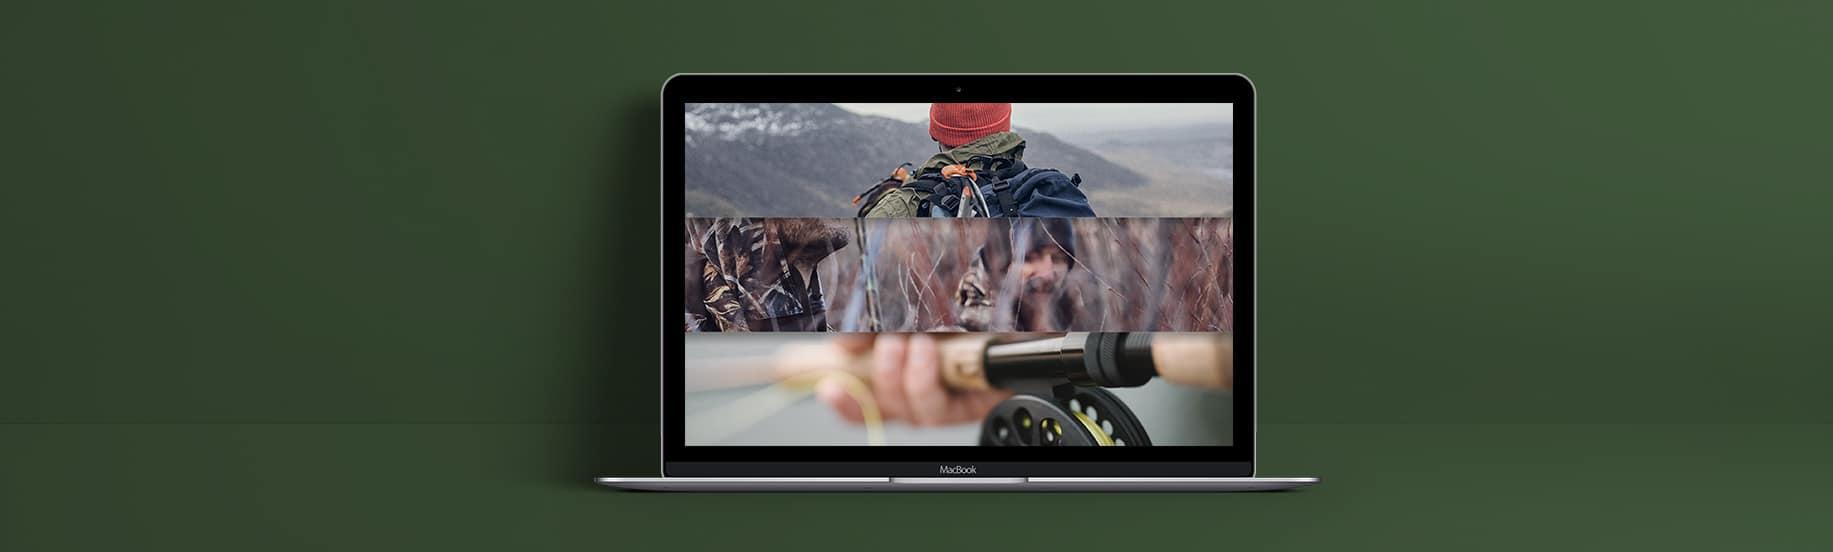 Présentation de l'image d'accueil du site de vente en ligne de Destock nature